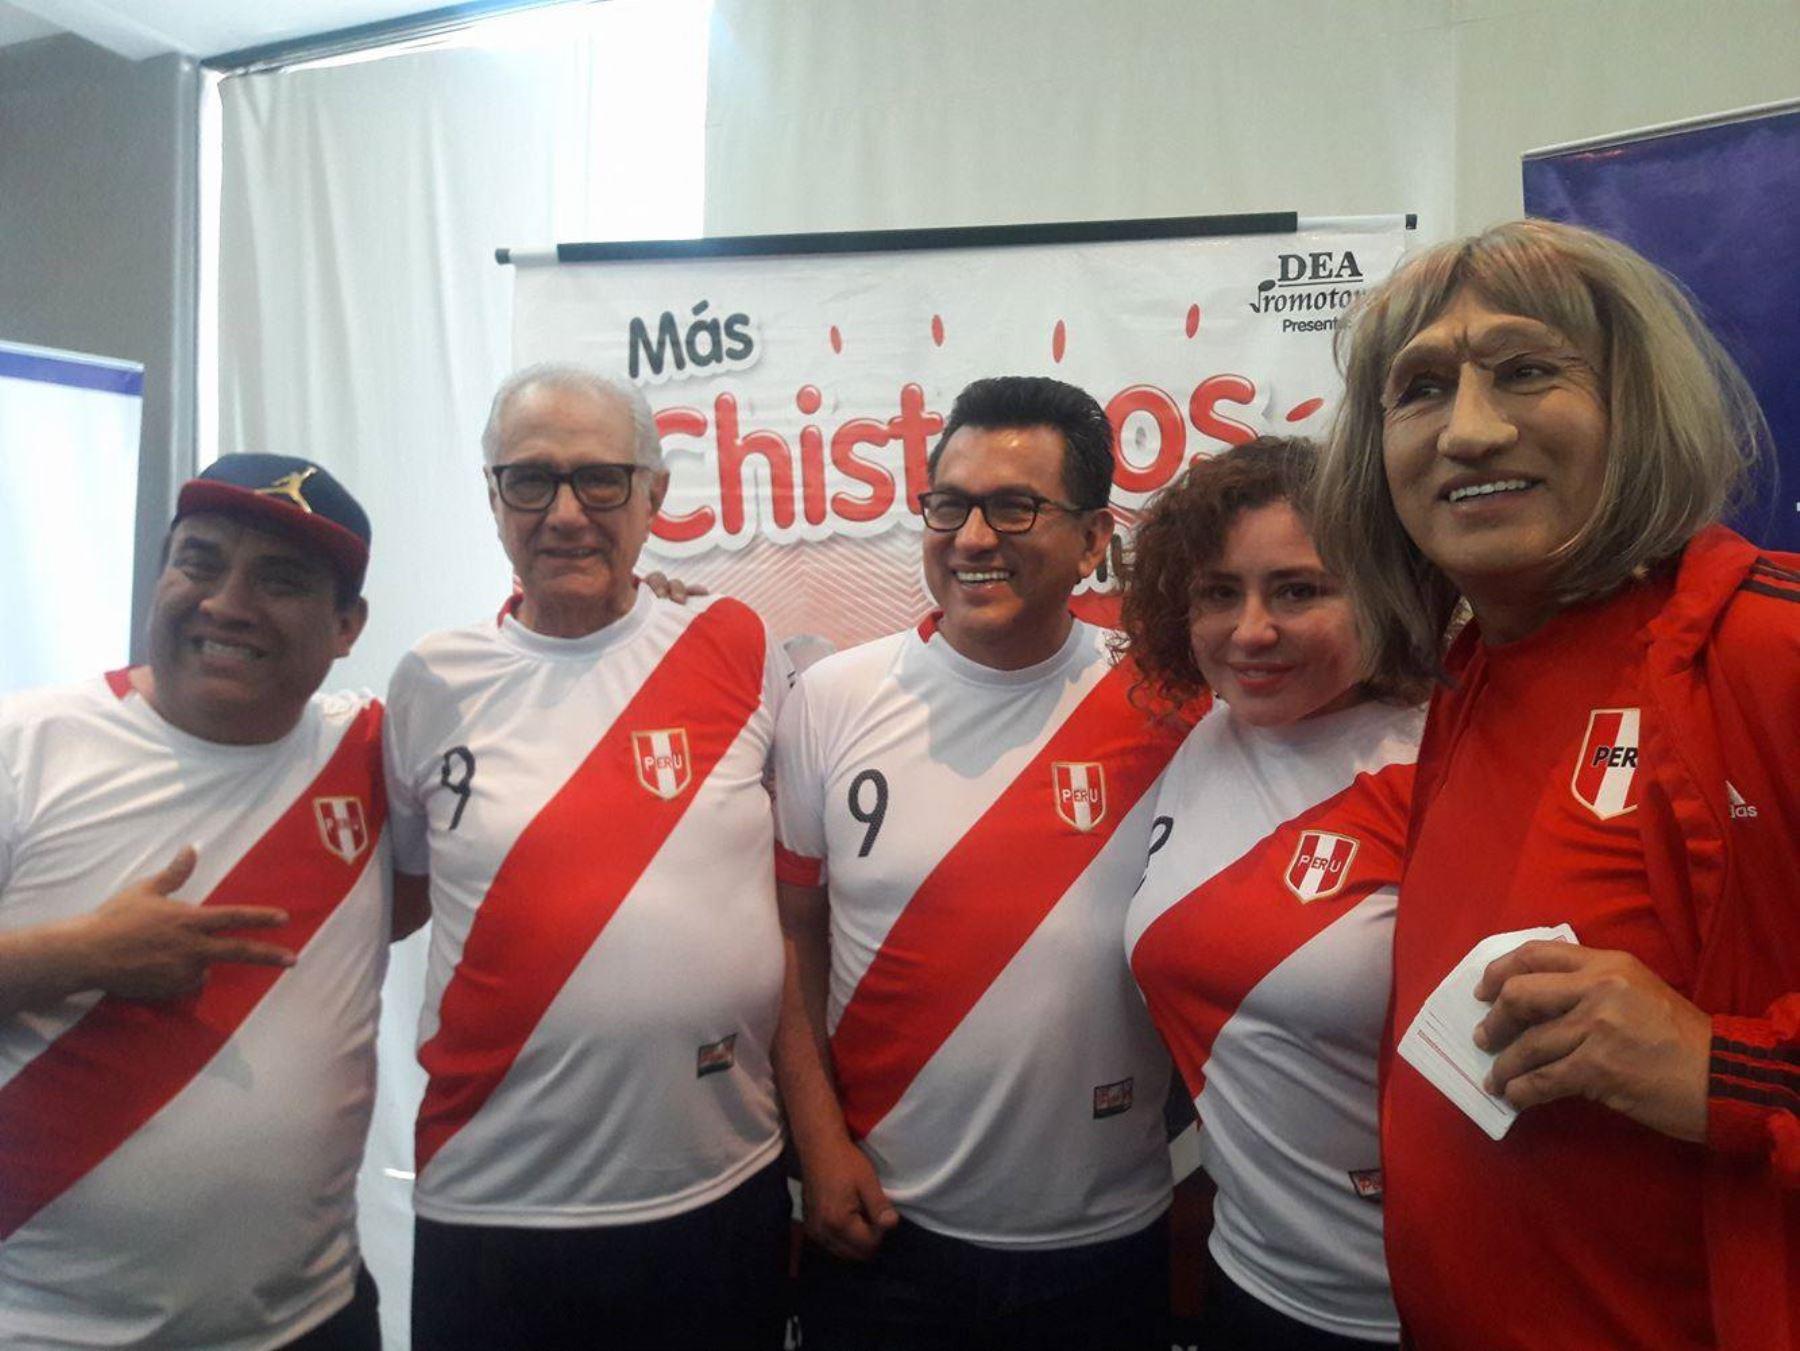 Fernando Armas y Los Chistosos también sueñan con ir al Mundial.